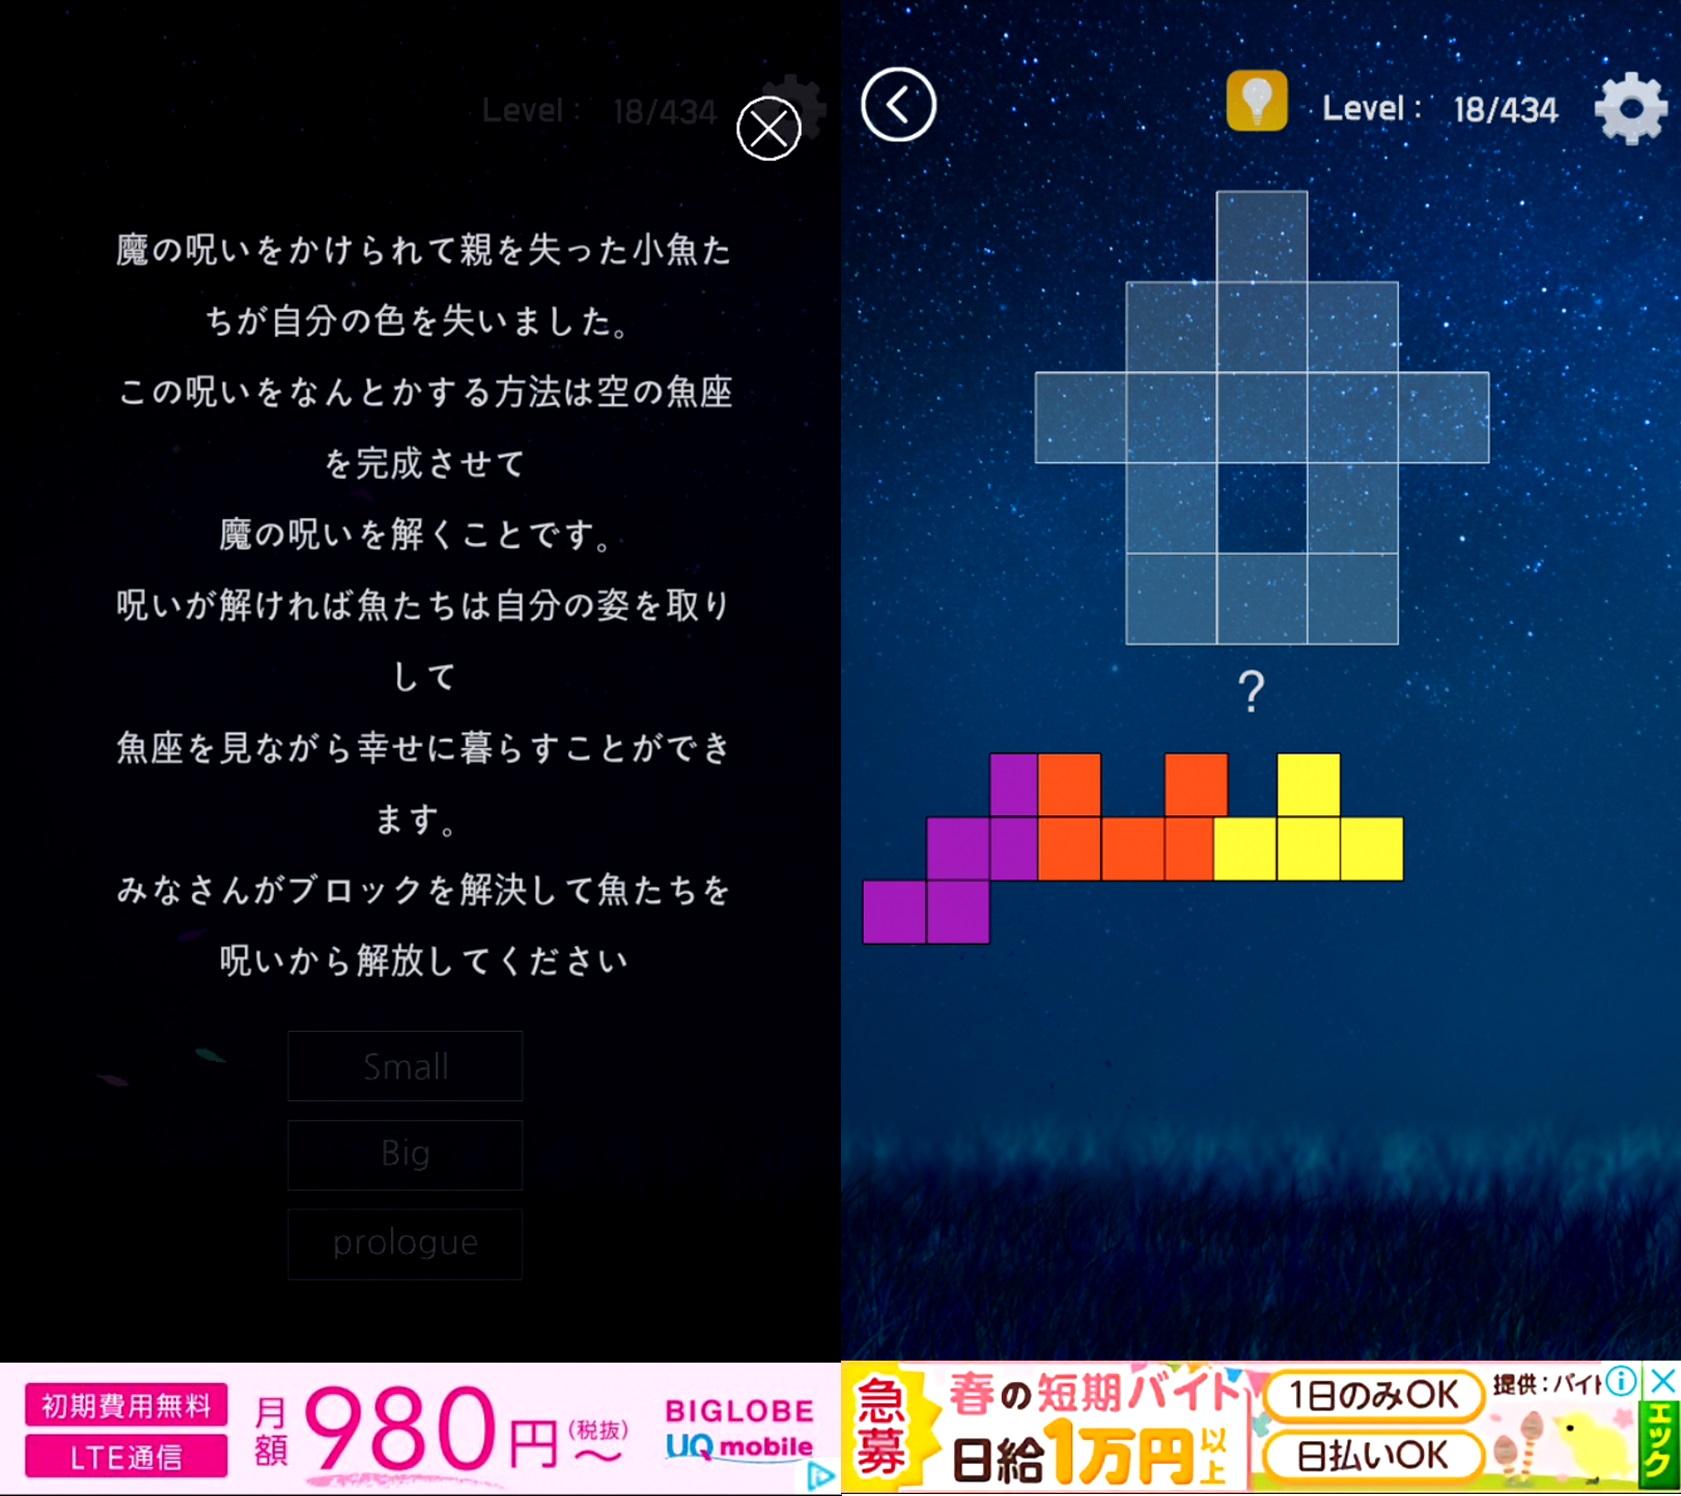 ブロックパズル - 魚の物語 androidアプリスクリーンショット1